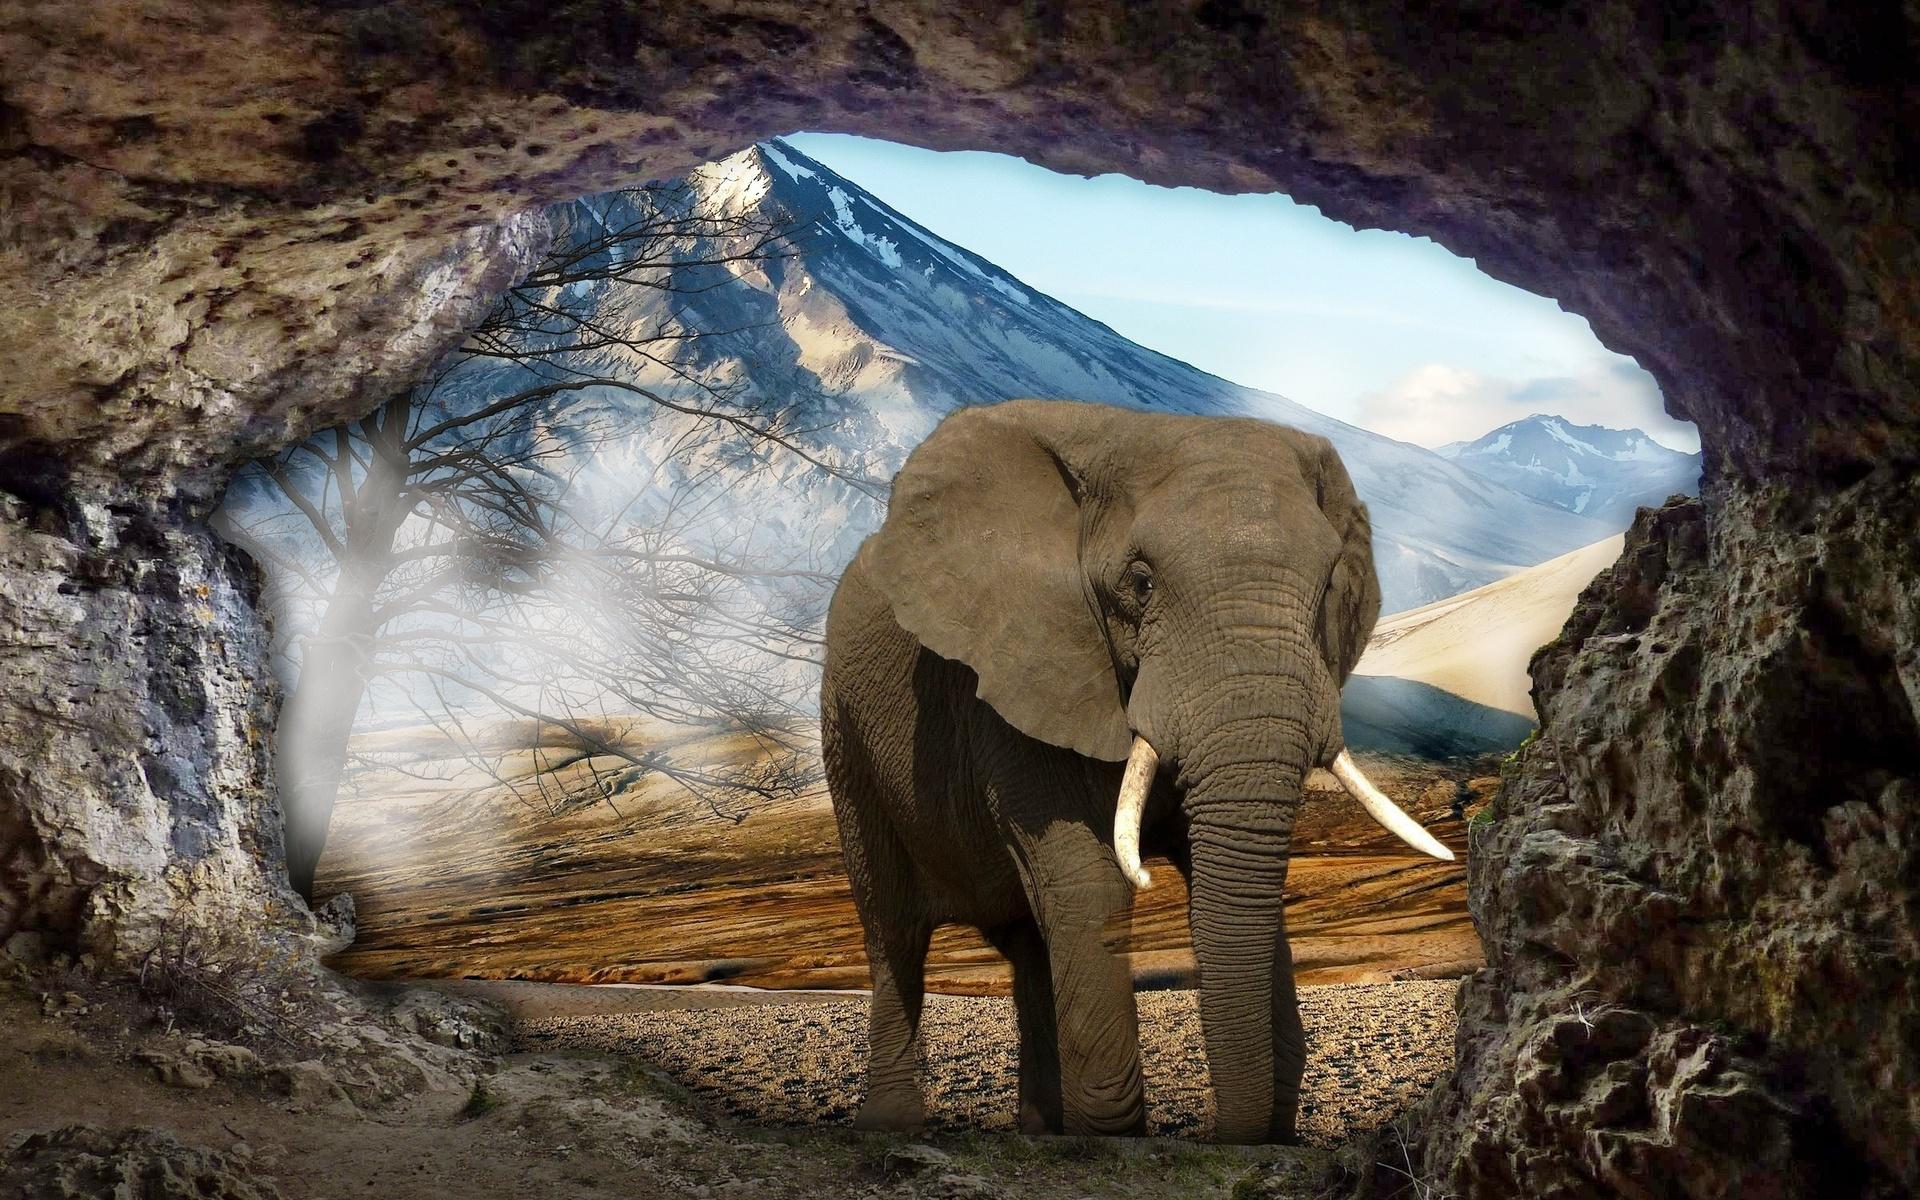 пещера, слон, пейзаж, фотоманипуляция